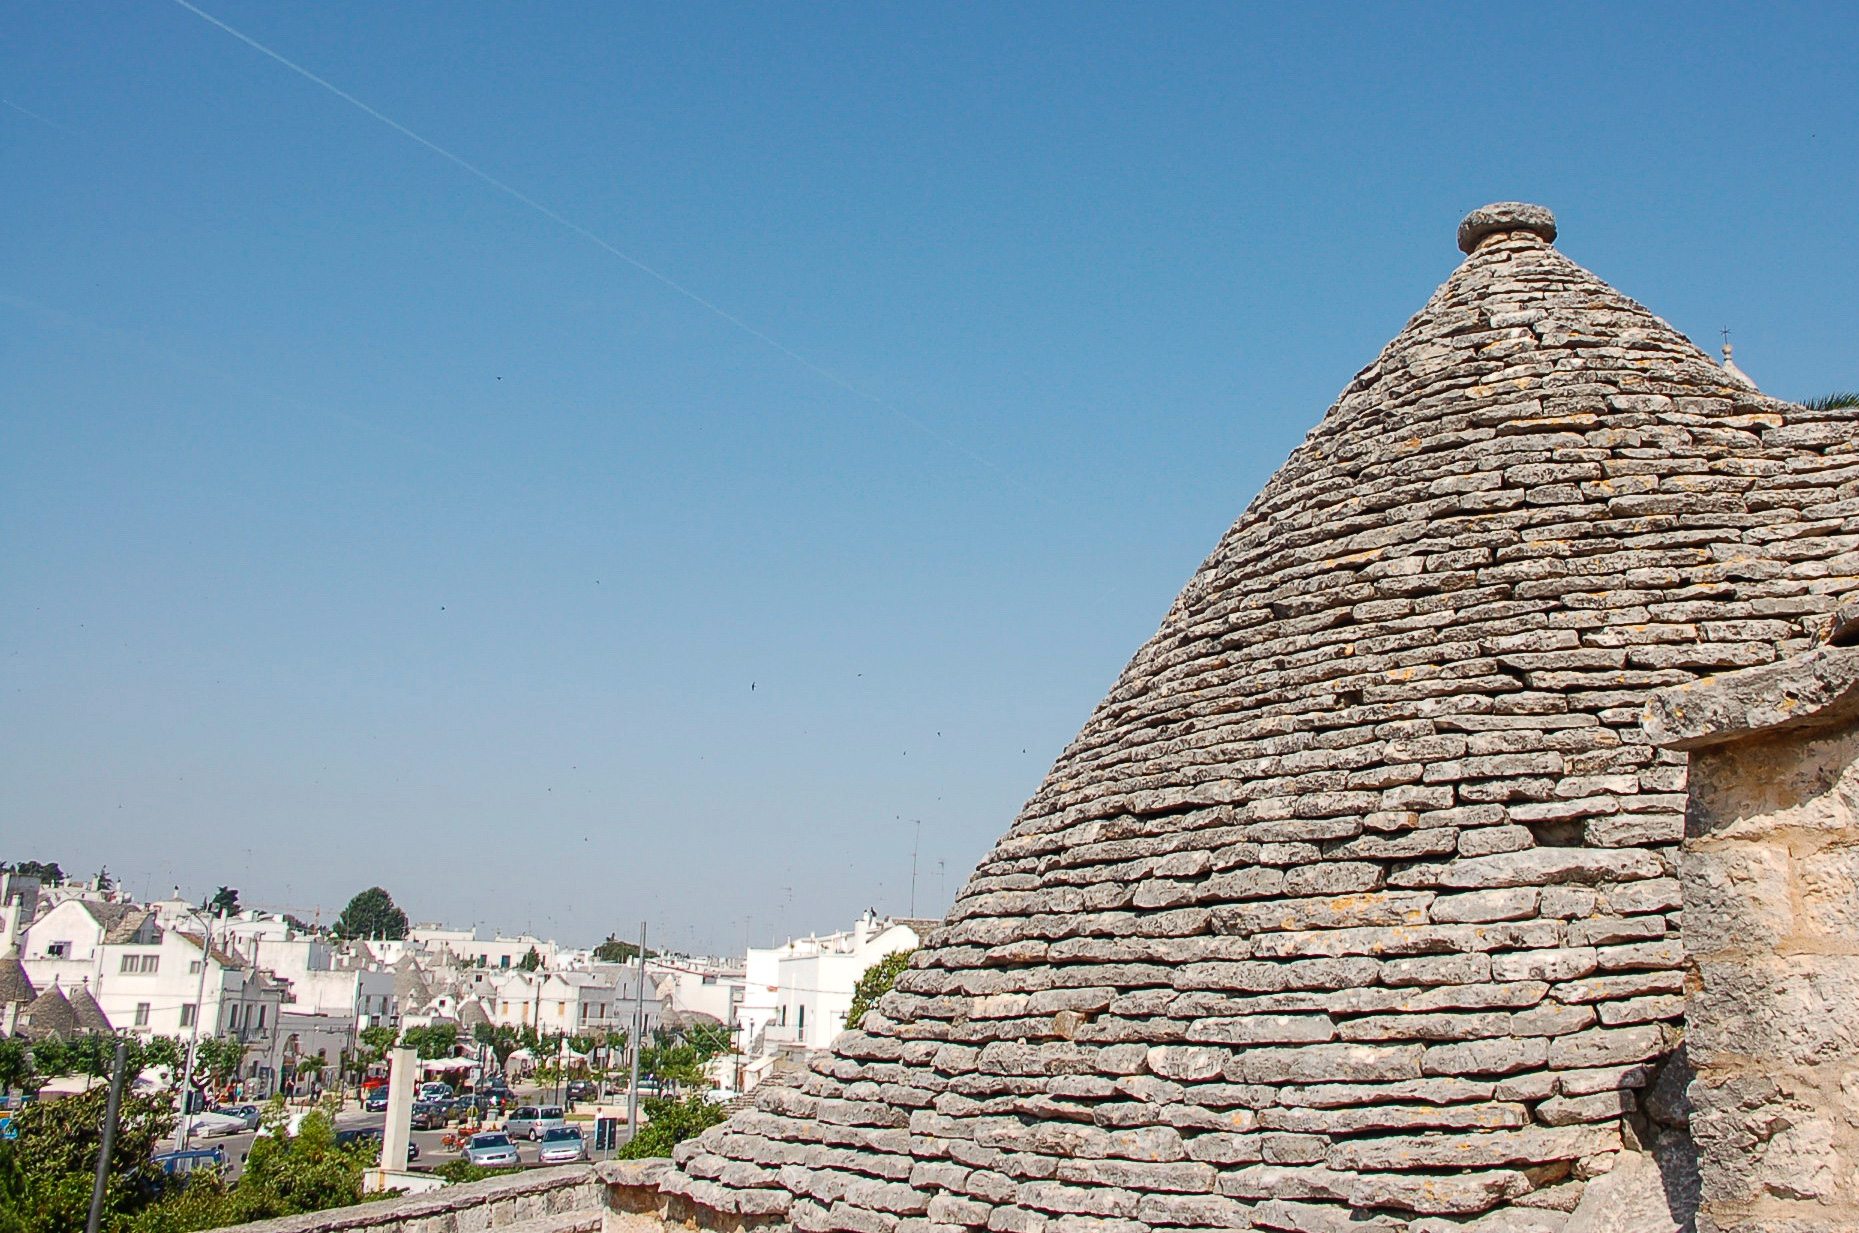 Das Dach eines Trullo in Alberobello mit Stadtansicht und Chemtrails am Himmel